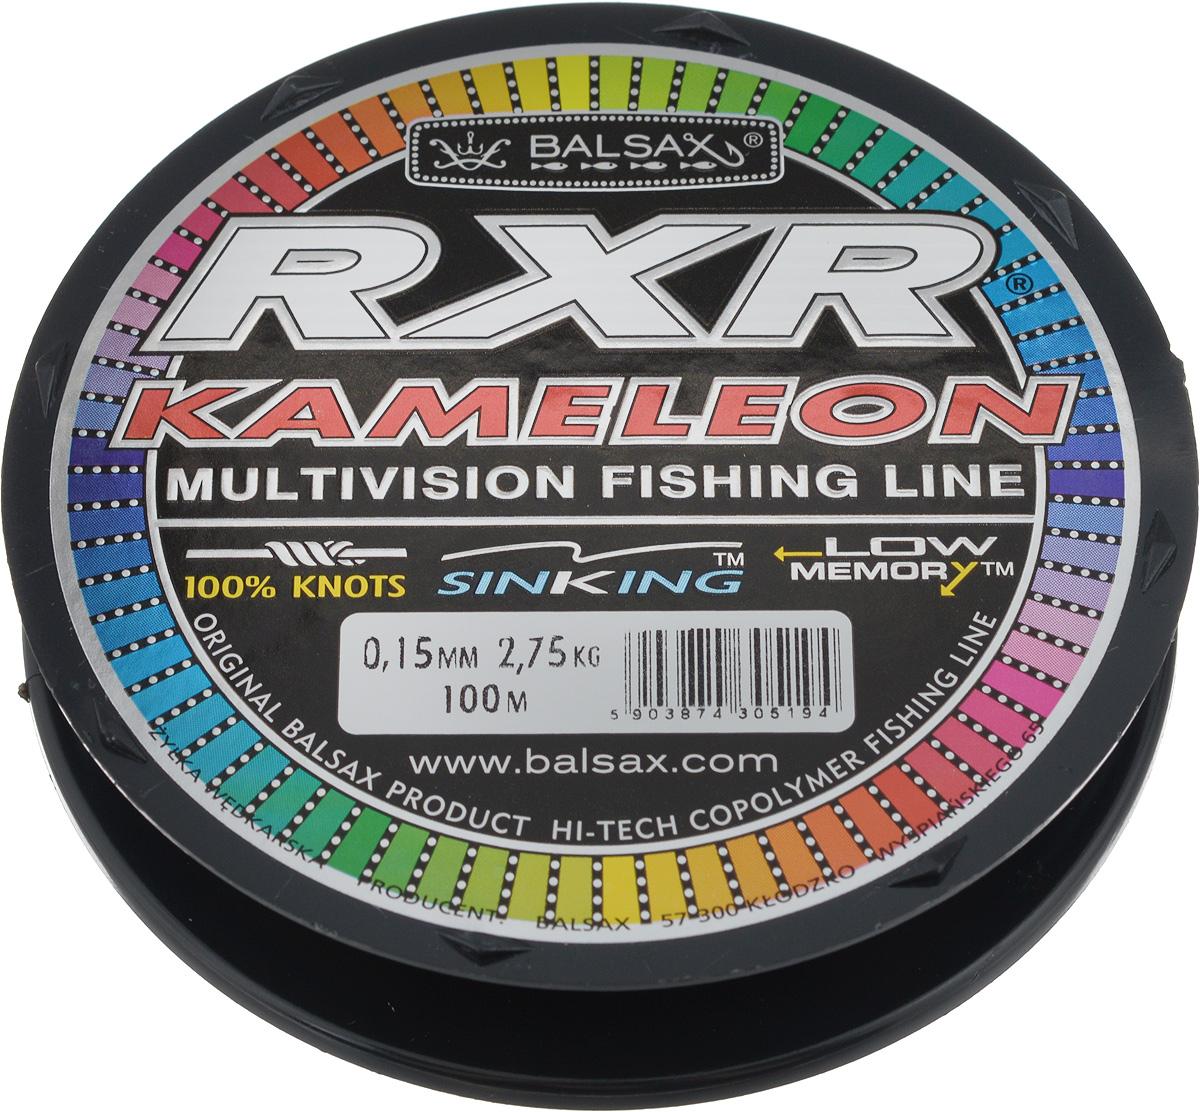 Леска Balsax RXR Kameleon, 100 м, 0,15 мм, 2,75 кг304-07015Леска последнего поколения Balsax RXR Kameleon выполнена из 100% нейлона и не боится истирания. Благодаря особым условиям производства, она способна изменять цвет, приспосабливаясь к внешним условиям. Тесты показали, что такая леска отличается высокой прочностью при растяжении и прочностью в местах вязки узлов. Она не меняет форму и не скручивается. Леска Balsax RXR Kameleon позволяет надежнее засечь рыбу и дает возможность чувствовать каждое движение приманки.